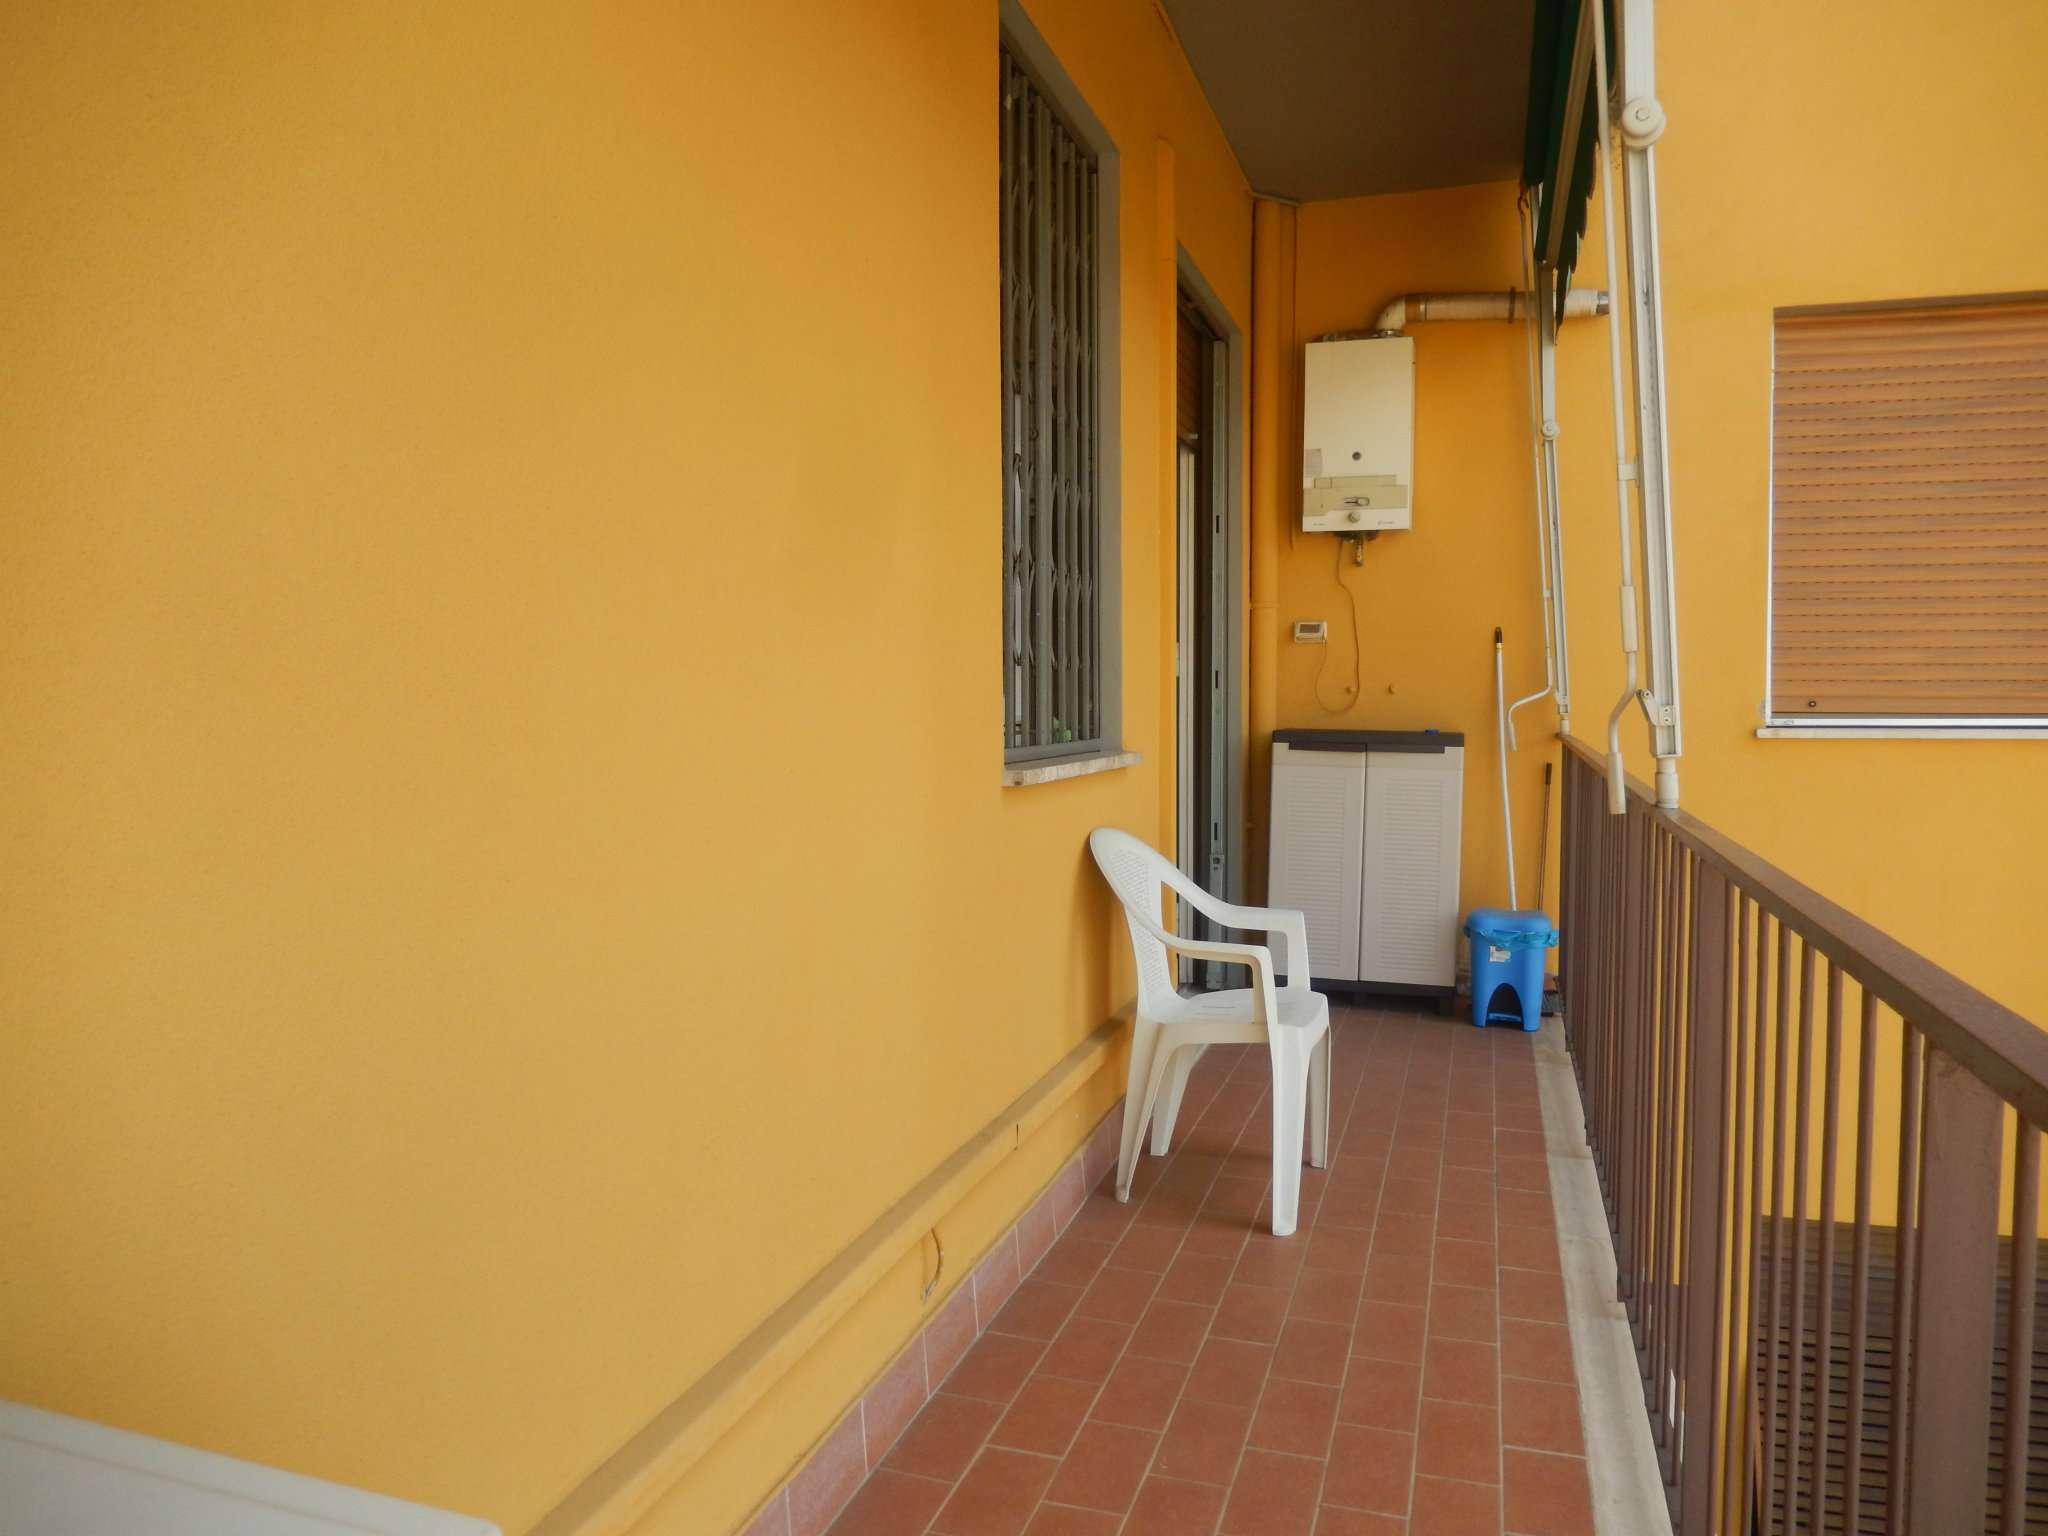 Appartamento in vendita a Scandicci, 4 locali, prezzo € 205.000 | CambioCasa.it